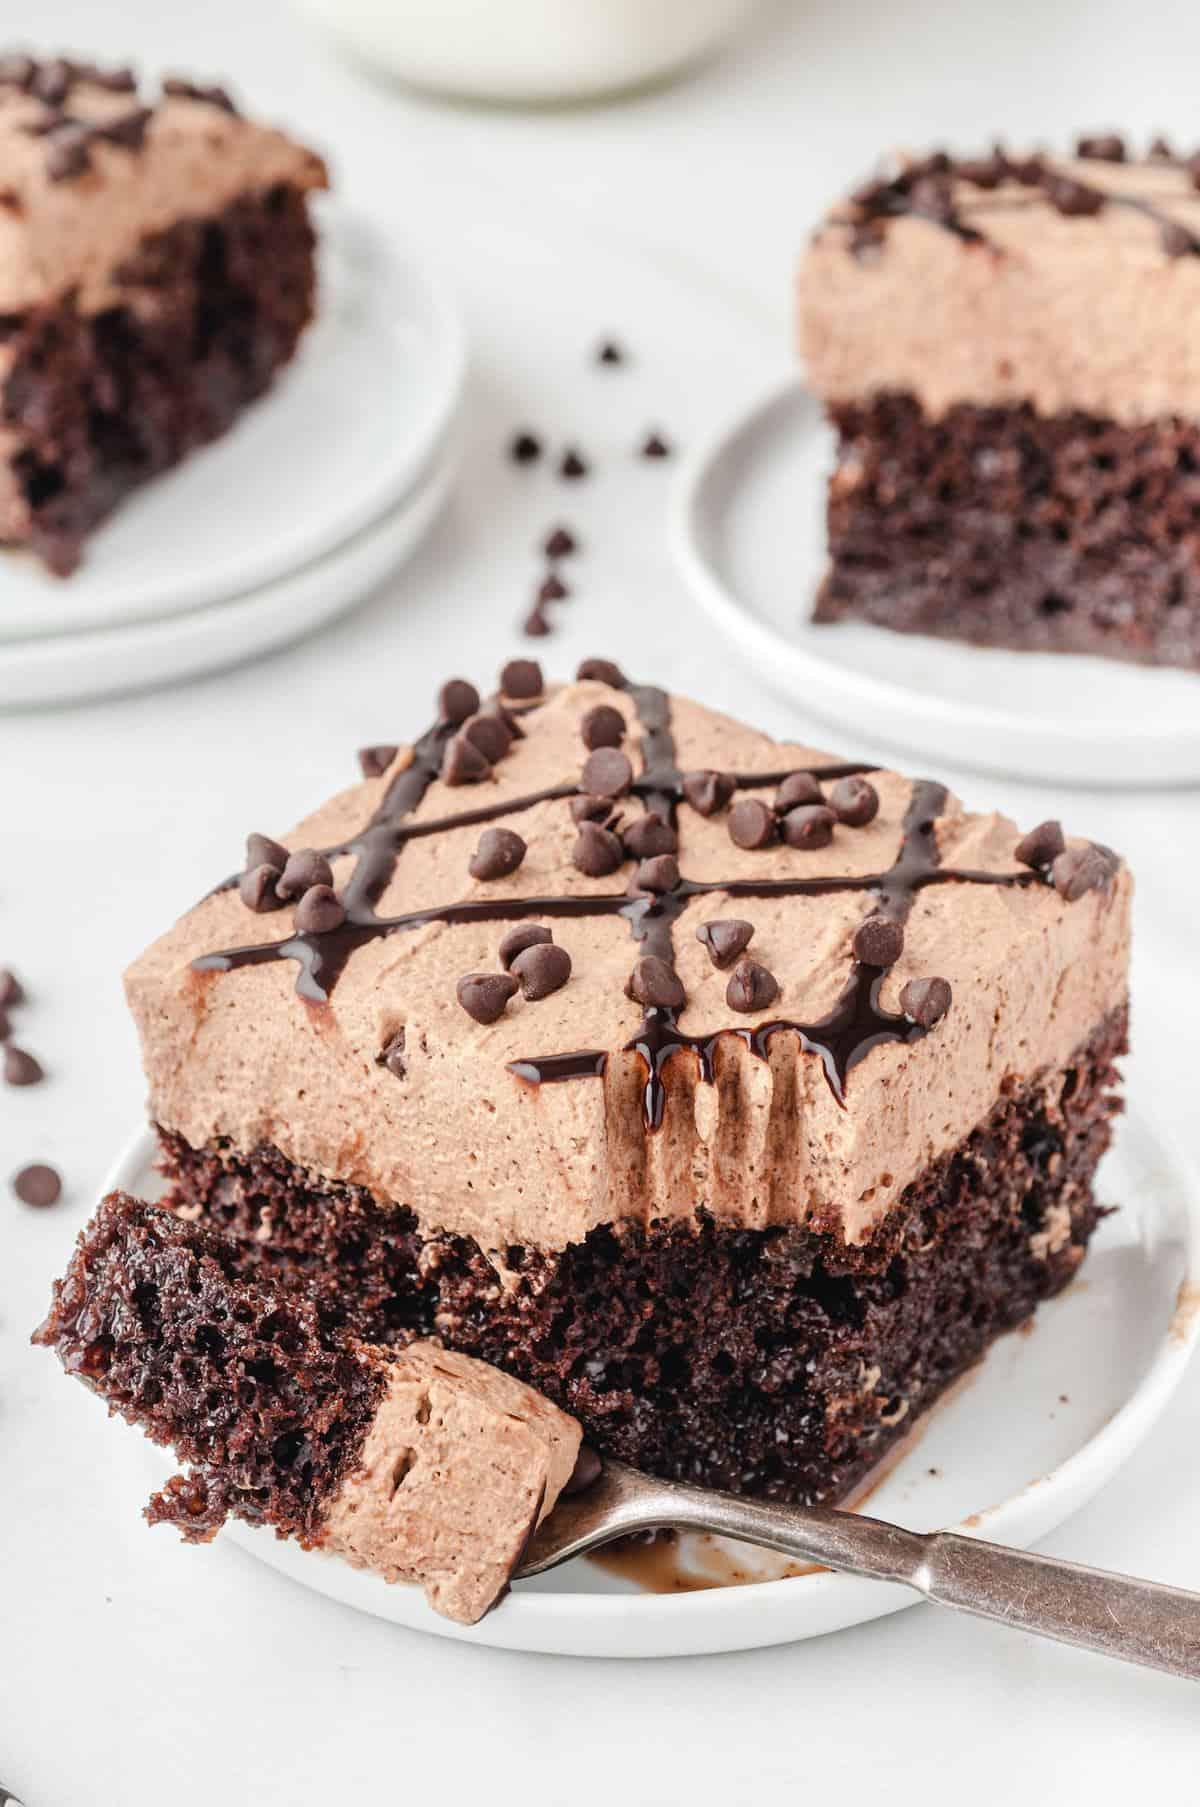 chocolate poke cake on a plate